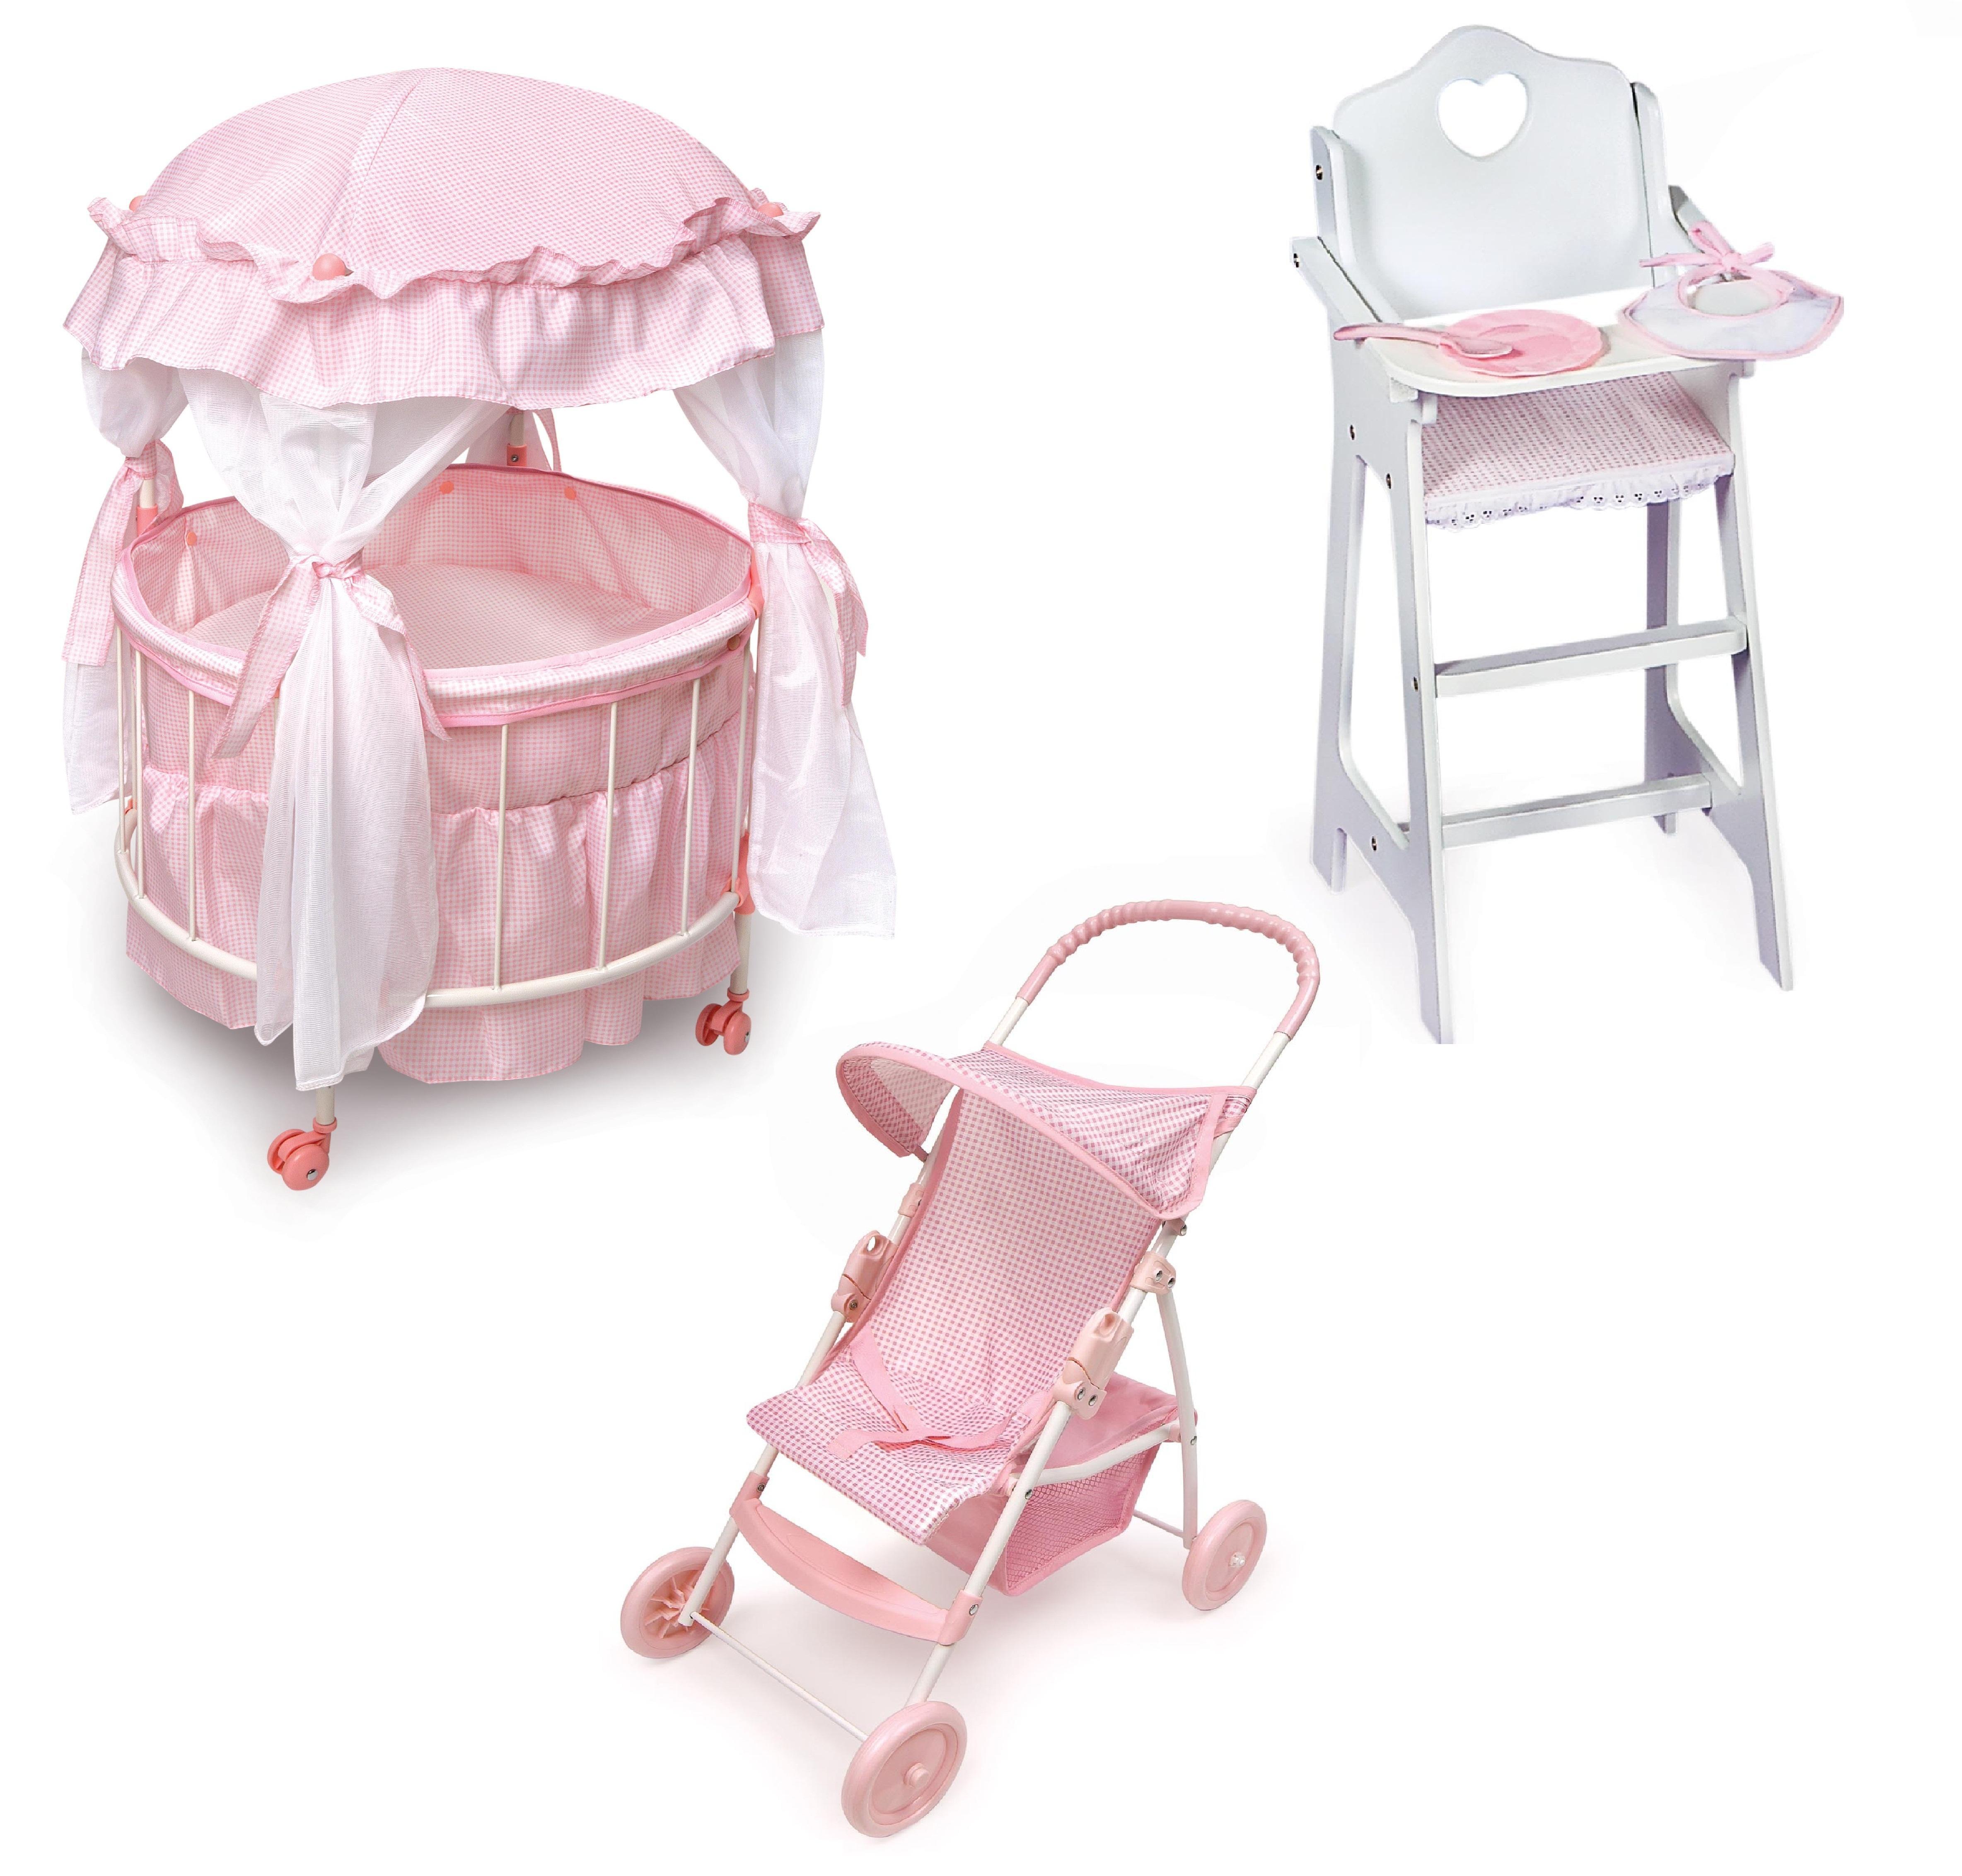 Royal Pavilion Doll Crib Furniture Set Feature:Doll High Chair   Walmart.com